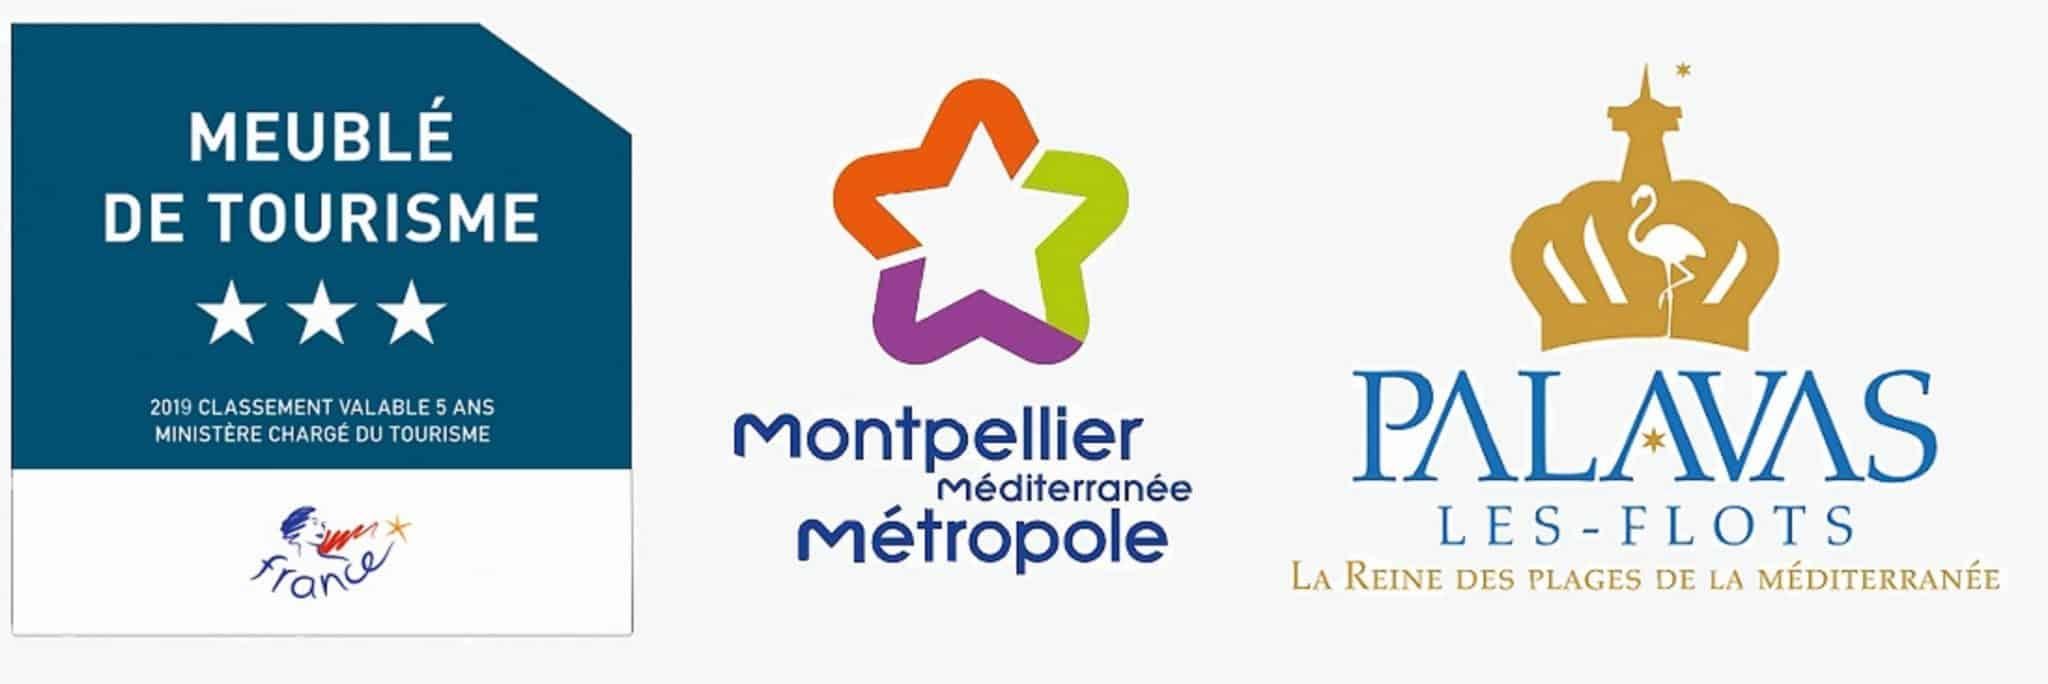 La Comédie de Vanneau est un ensemble de meublés de tourisme classé 3 étoiles à Montpellier et à Palavas-les-Flots.